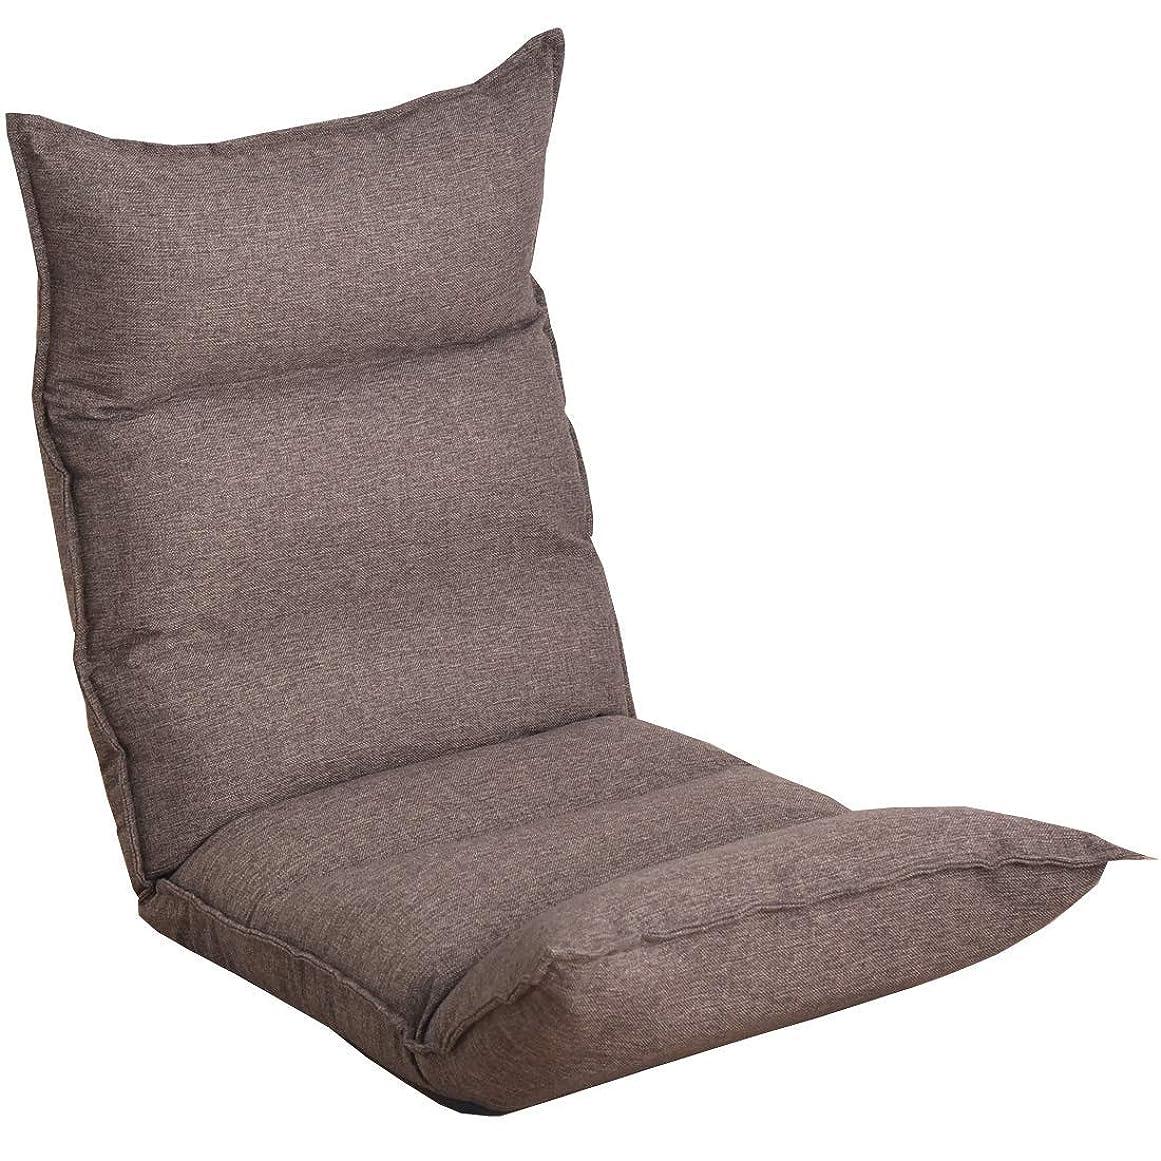 コンバーチブルスキル延ばすタンスのゲン 低反発座椅子 リクライニング ロココ 14段階リクライニング 肉厚クッション ISO9001認定 ブラウン 65170001 91 【63242】